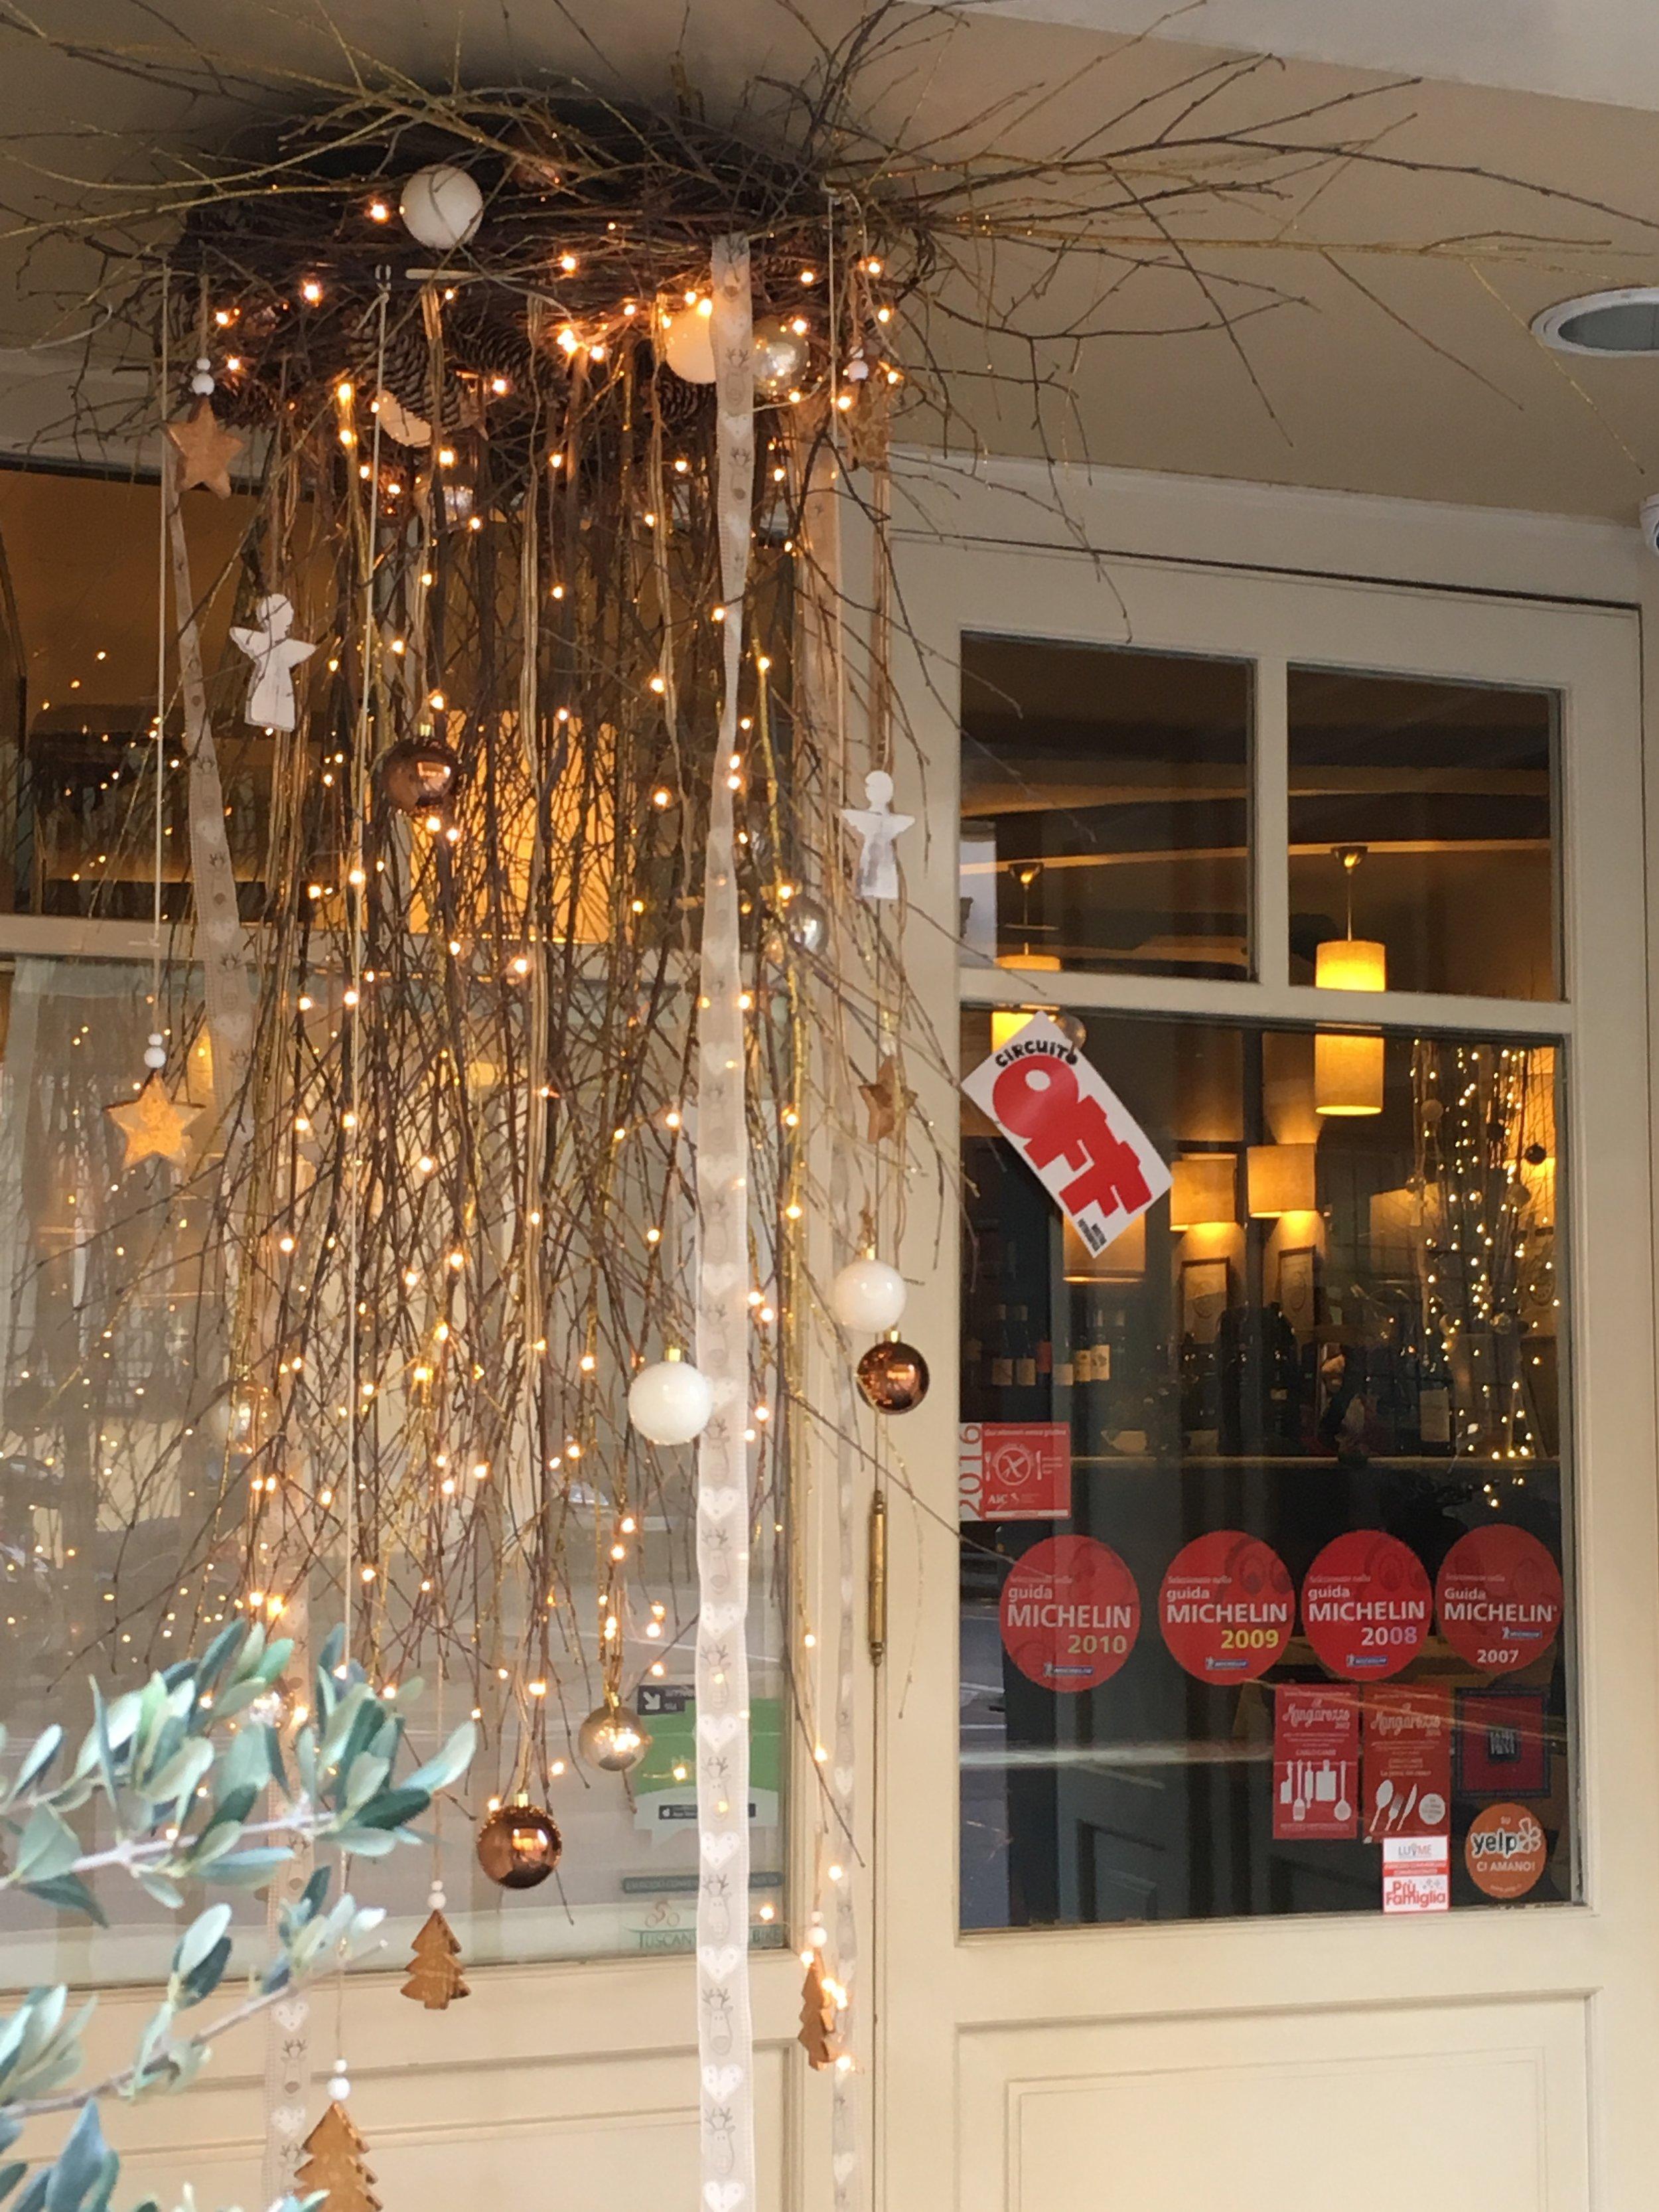 The entrance to Gli Orti di Via Elisa, still decorated for the Christmas season.